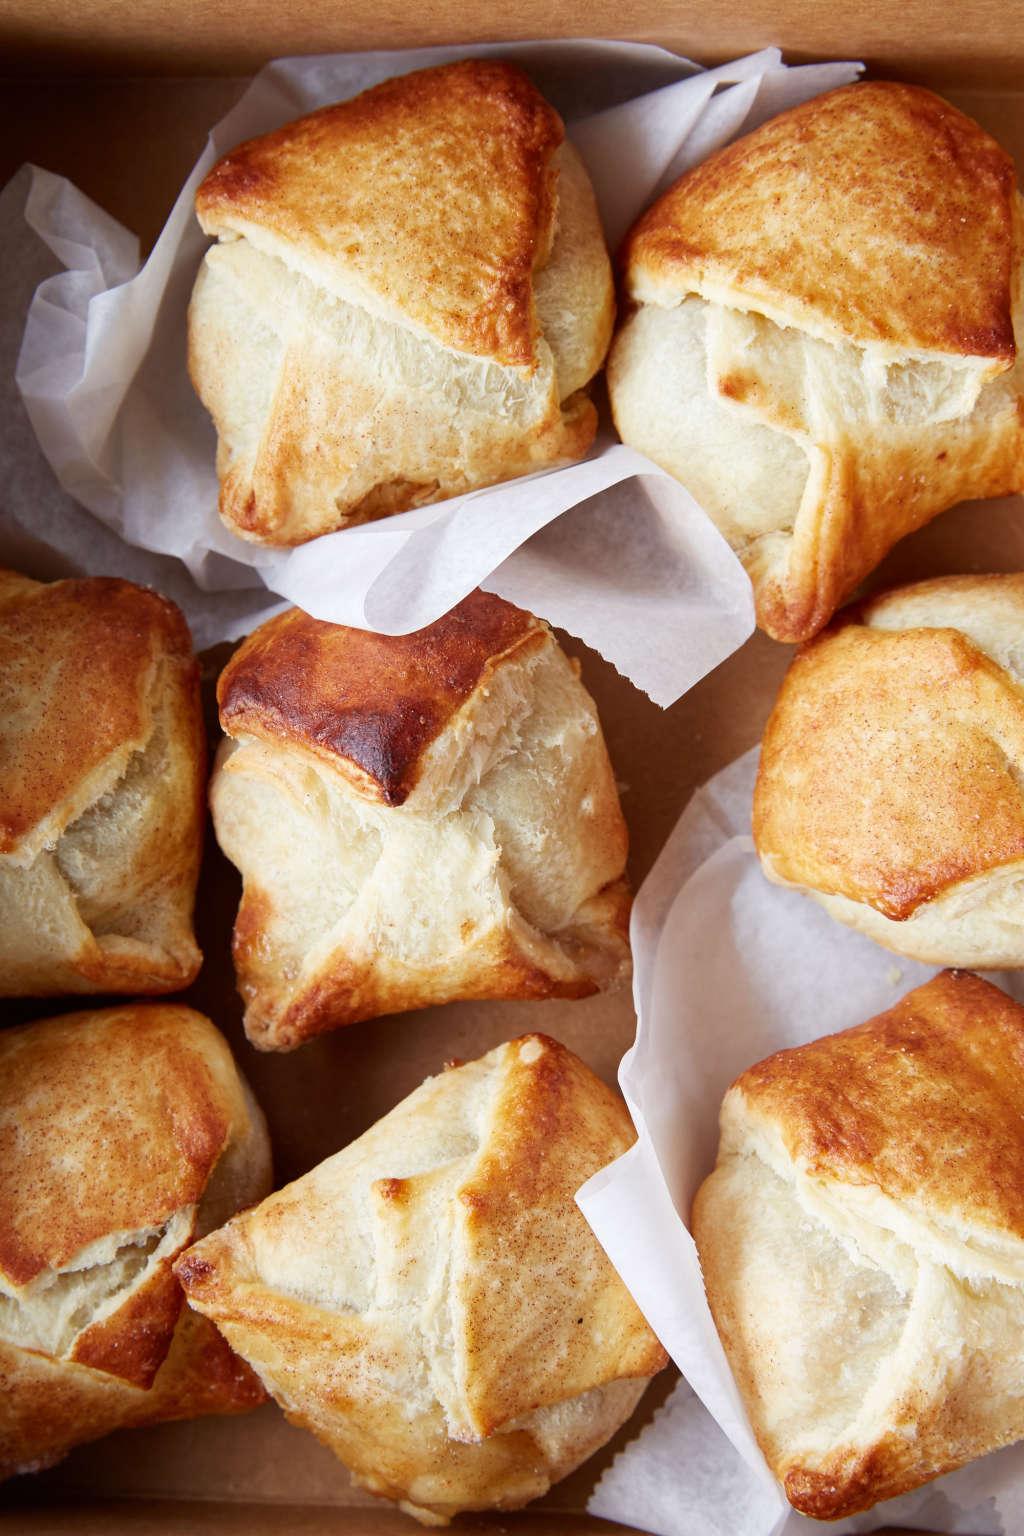 Gooey Apple Dumplings Are Like Bite-Sized Apple Pies